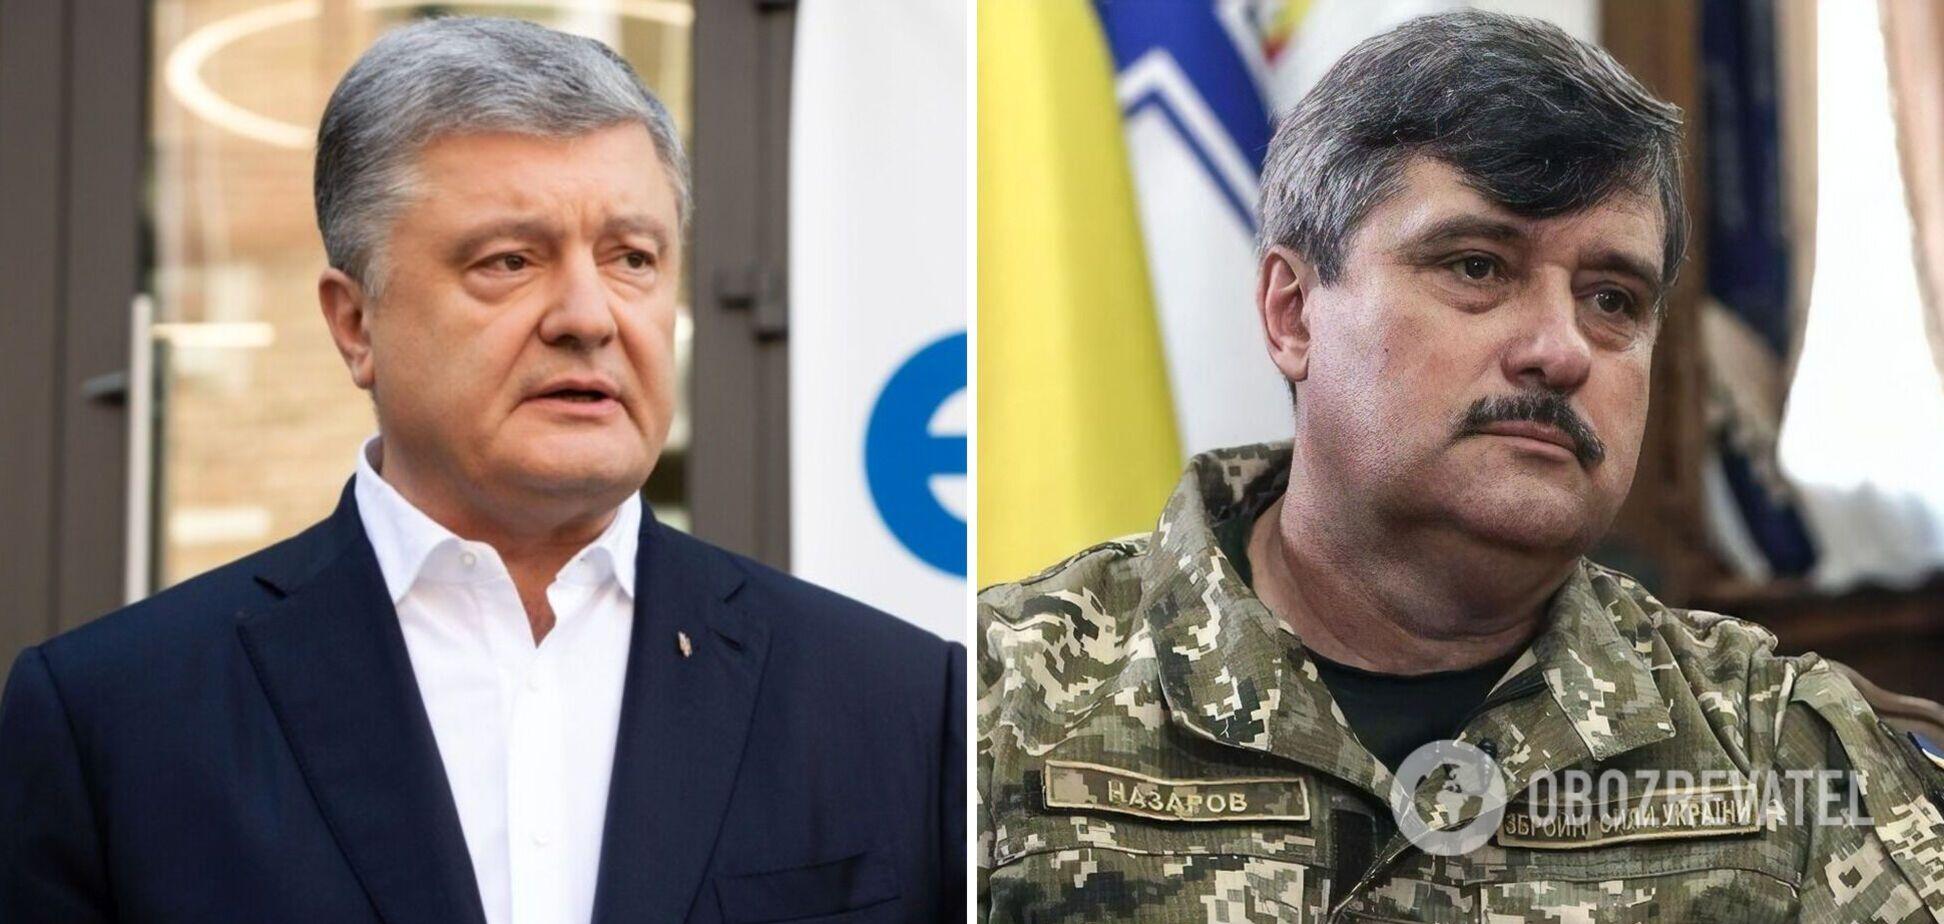 Порошенко– про виправдання генерала Назарова: справжній винуватецькатастрофи Іл-76 – Путін